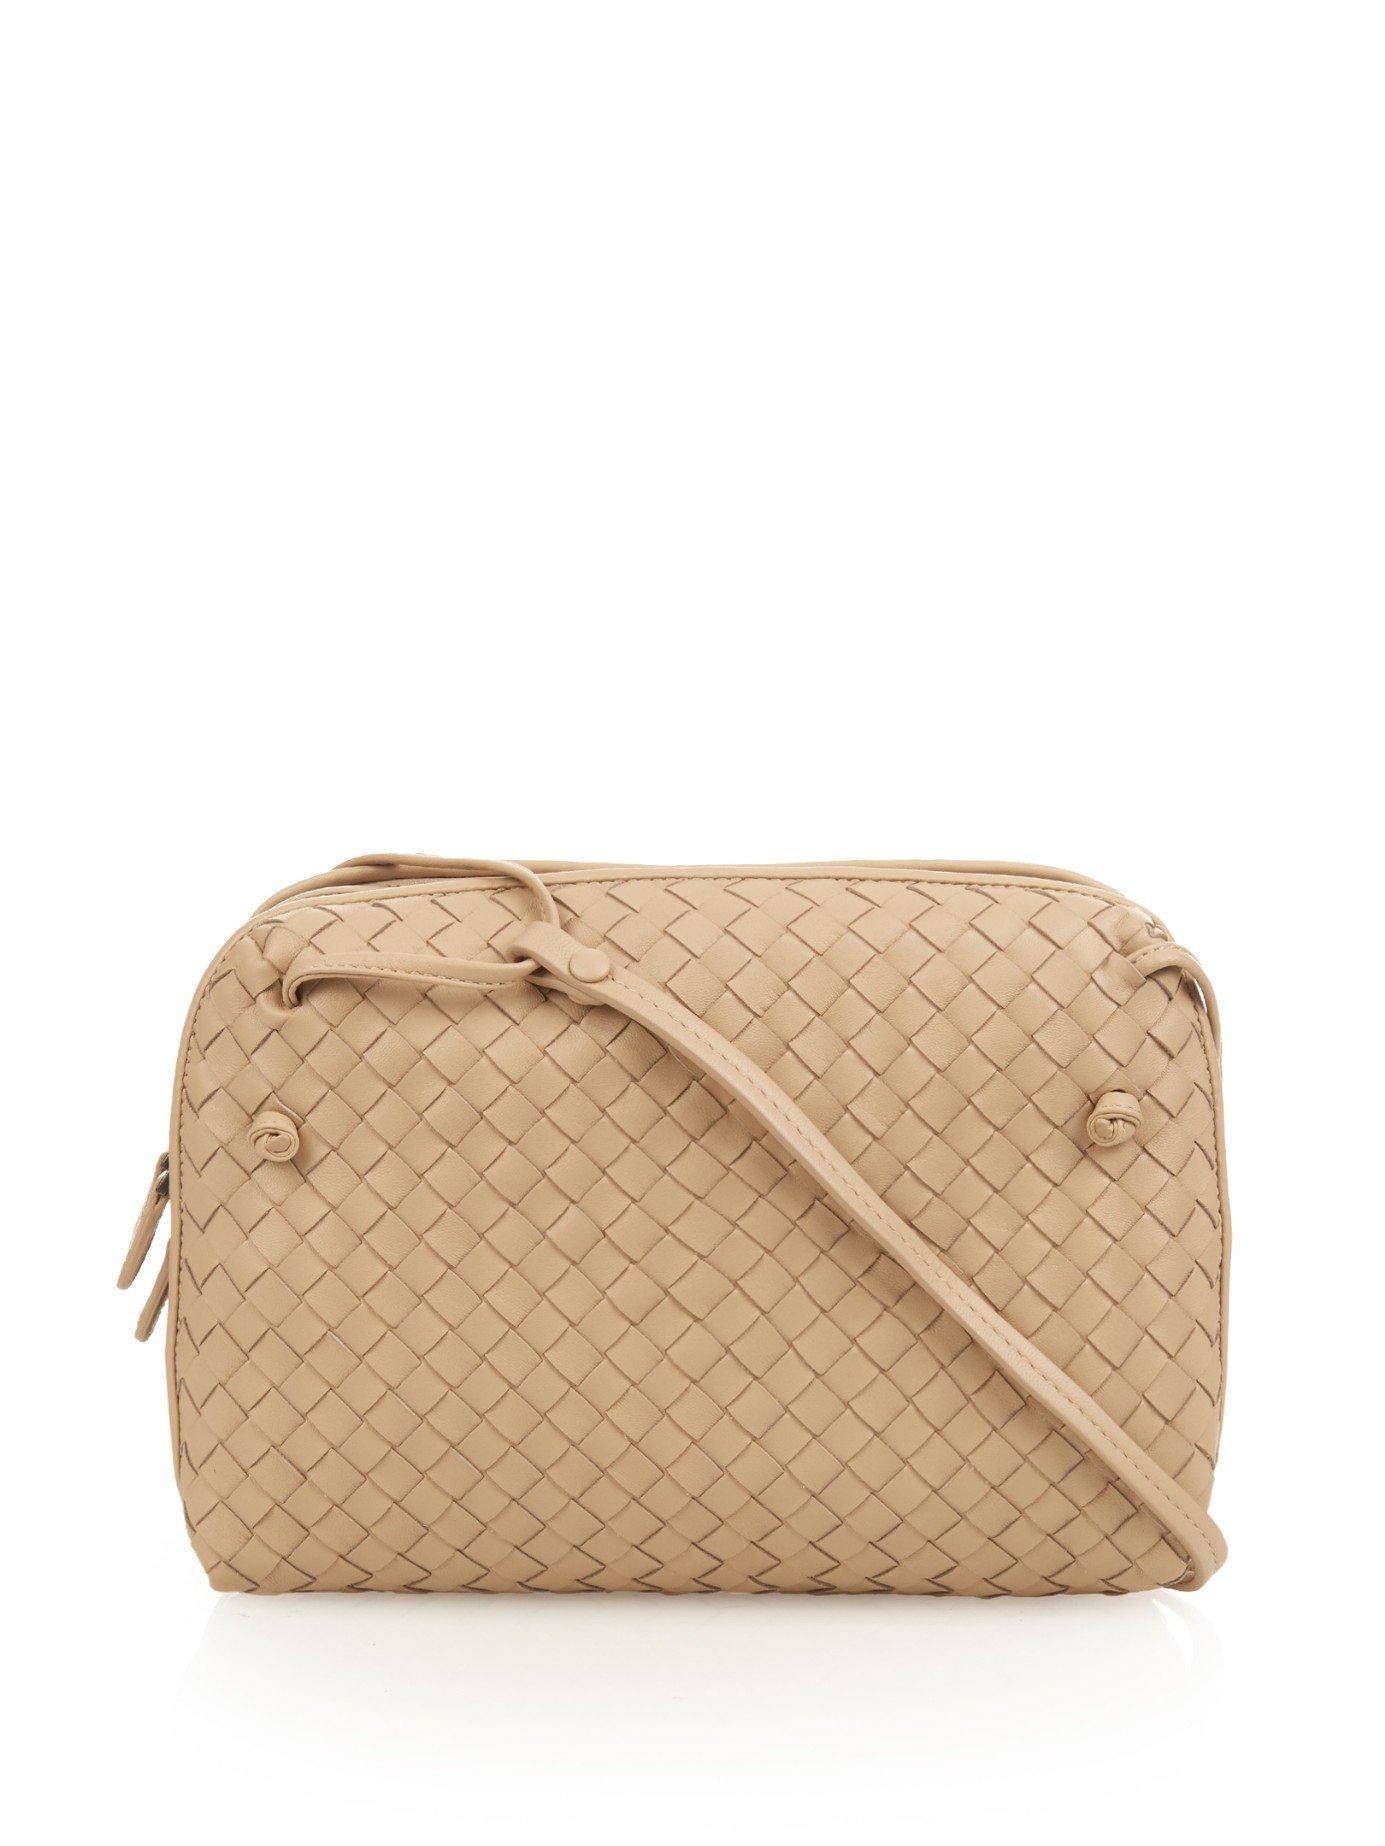 Bottega Veneta Intrecciato Leather Two-compartment Cross-body Bag in ... 6e657ebadac30